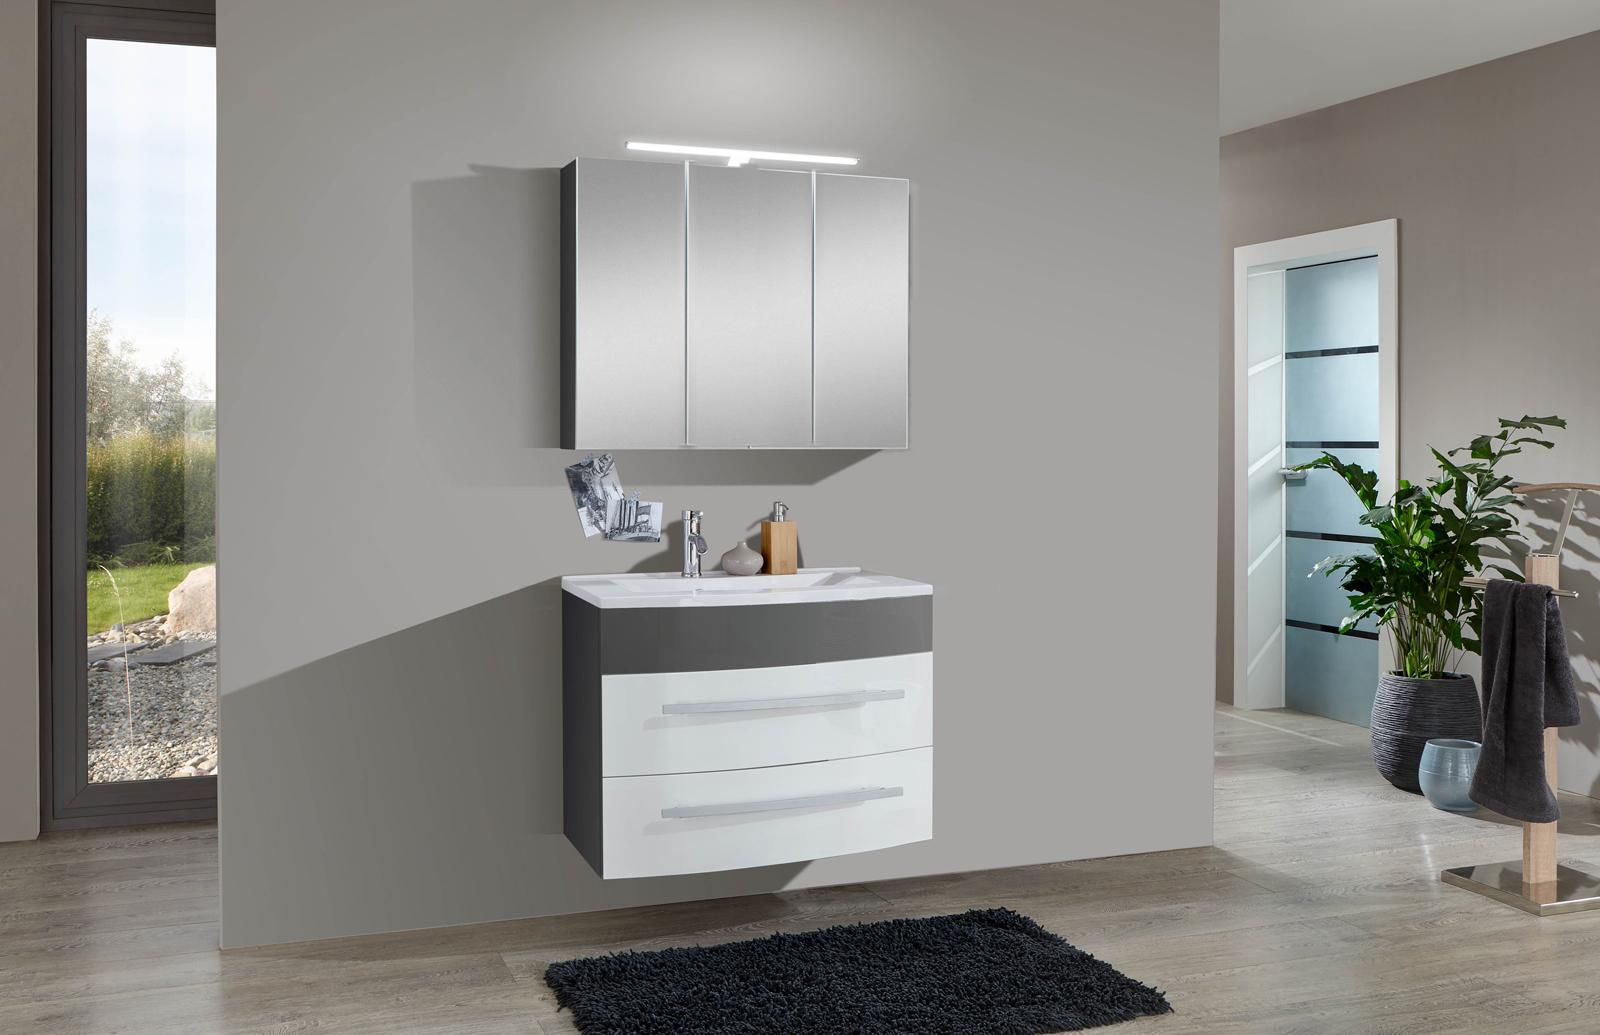 SAM® 2tlg Badezimmer Set Hochglanz Weiß Grau 80cm Genf Auf Lager !